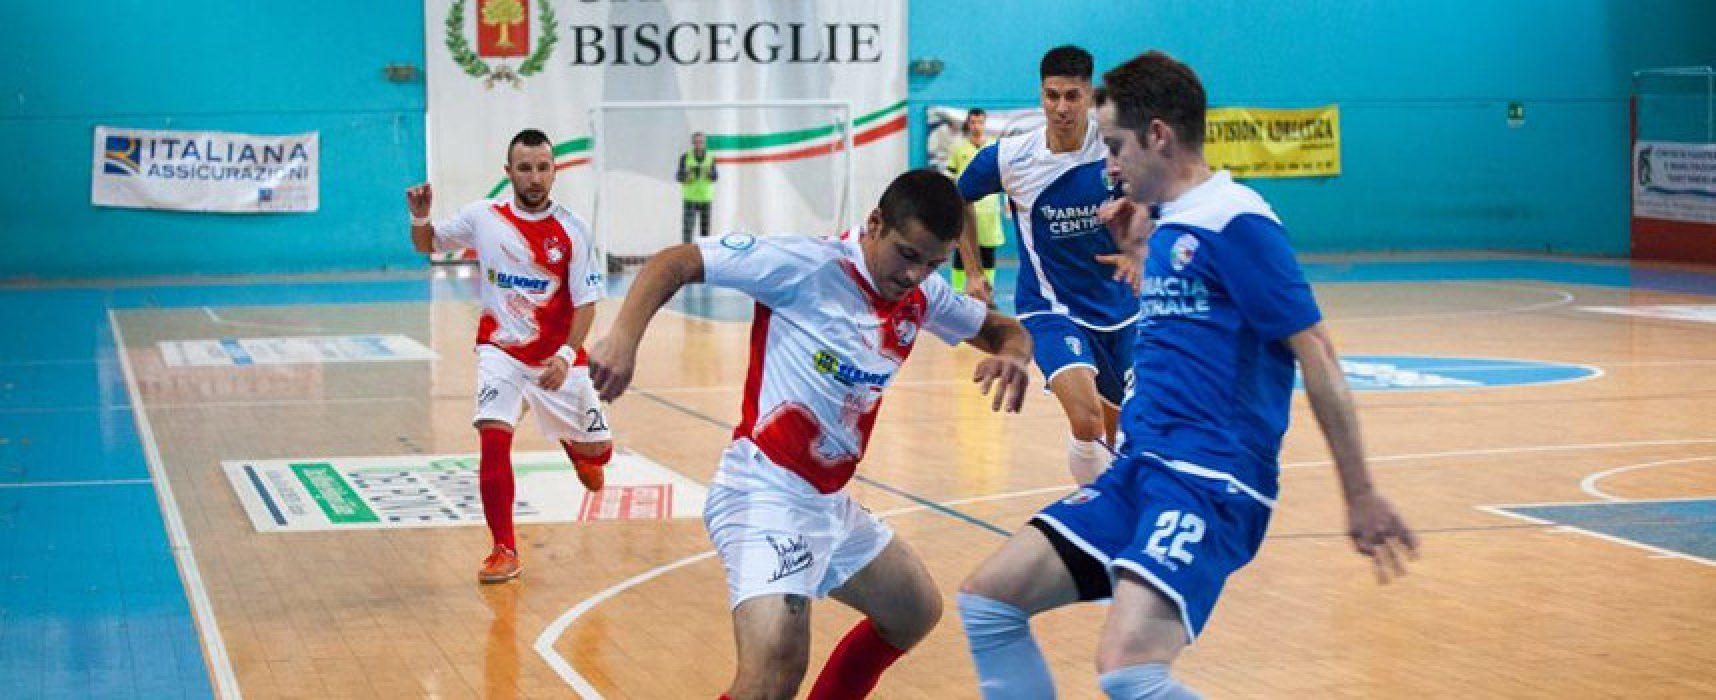 """La Diaz cade sul più bello. Futsal Altamura sbanca il """"Paladolmen"""""""